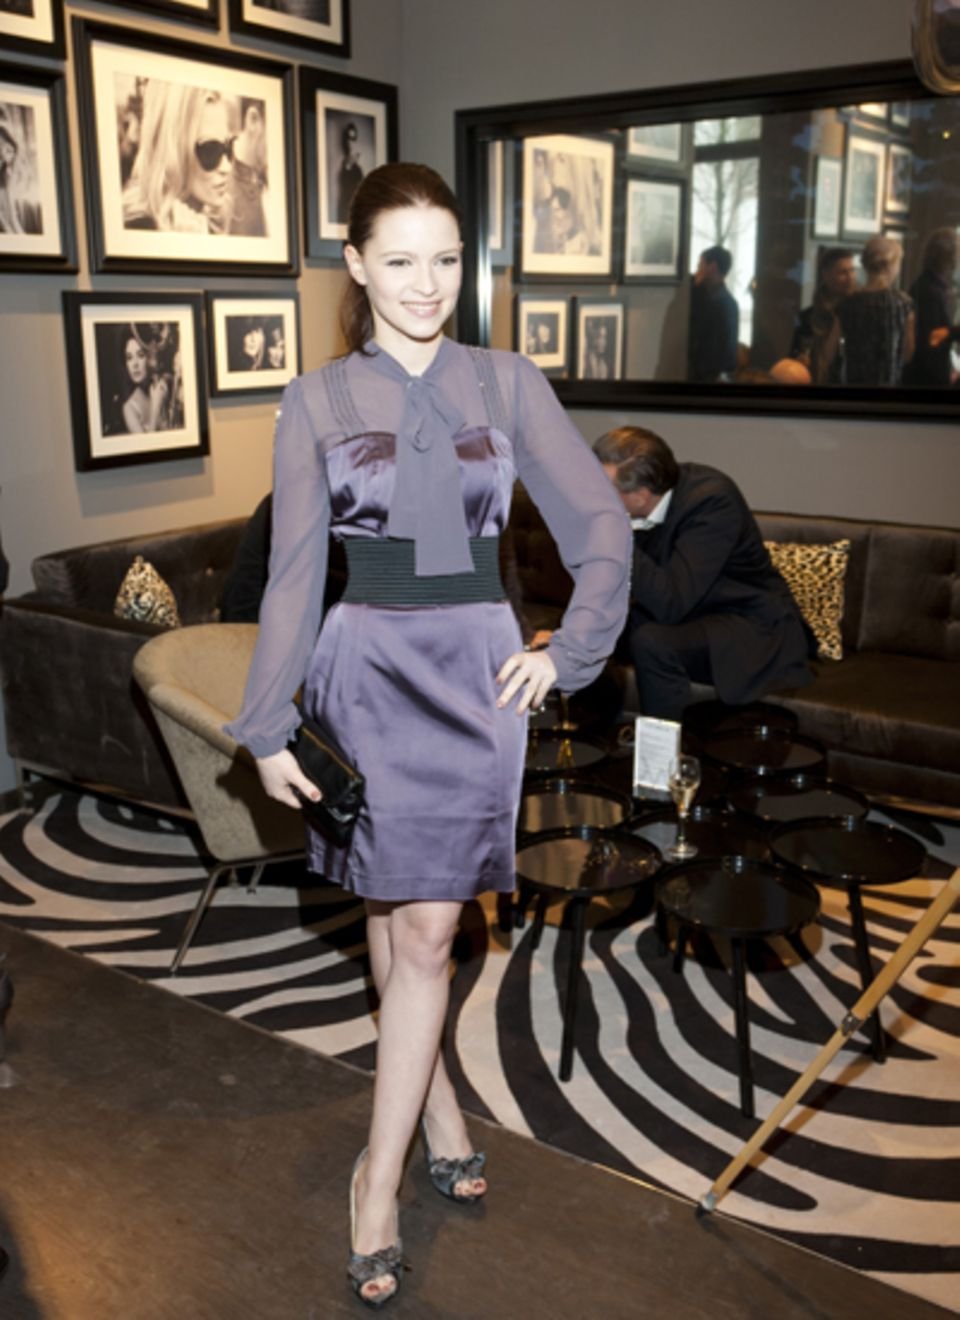 Schauspielerin Jennifer Ulrich posierte in der Catwalk-Bar für die Fotografen.